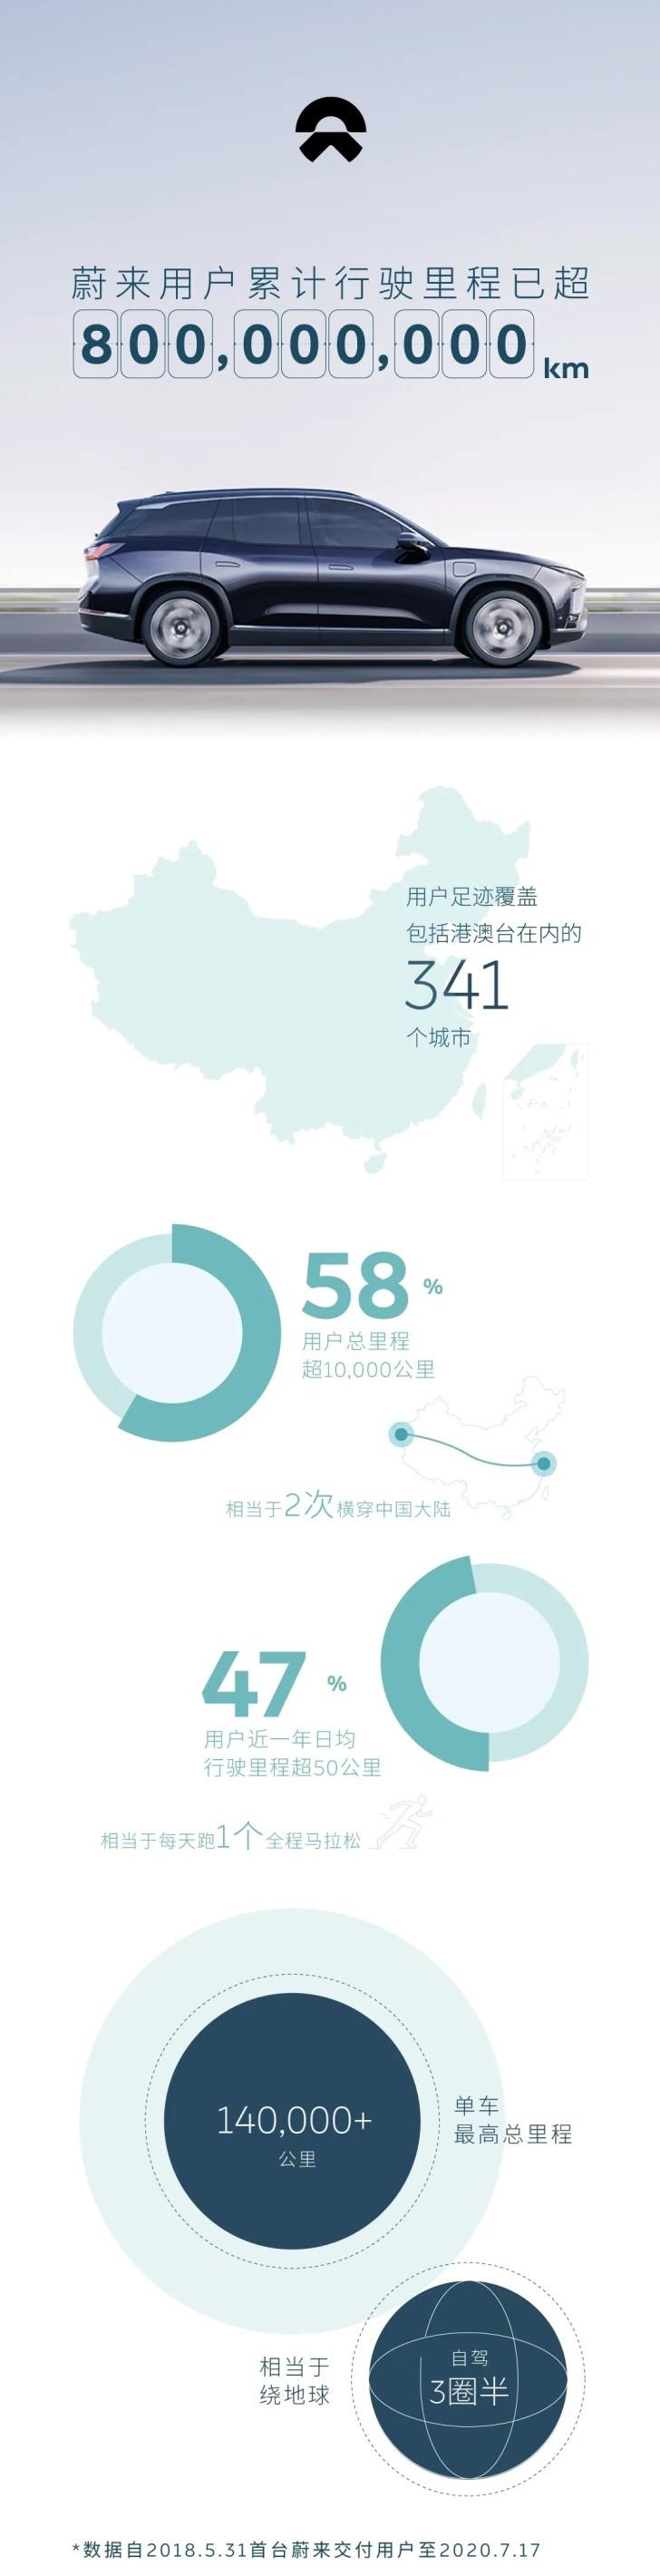 蔚来:用户累计行驶里程超 8 亿公里